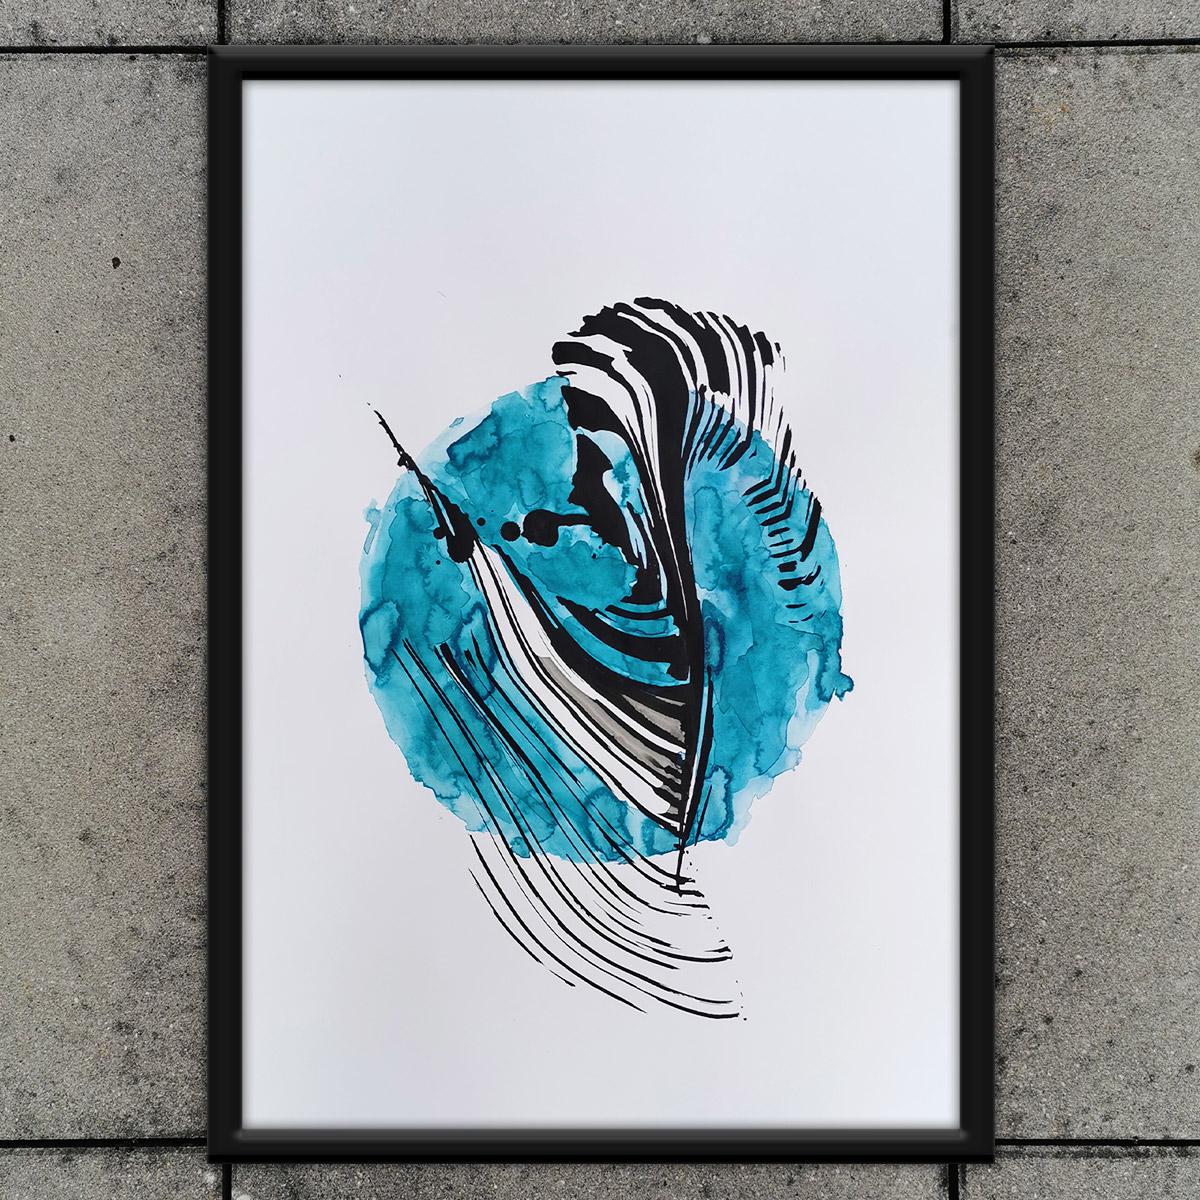 Abstrakte Kunst für Alle! Dekorativ, polyamörös, sensibel, niedlich - nur echt mit okkulter Aura!